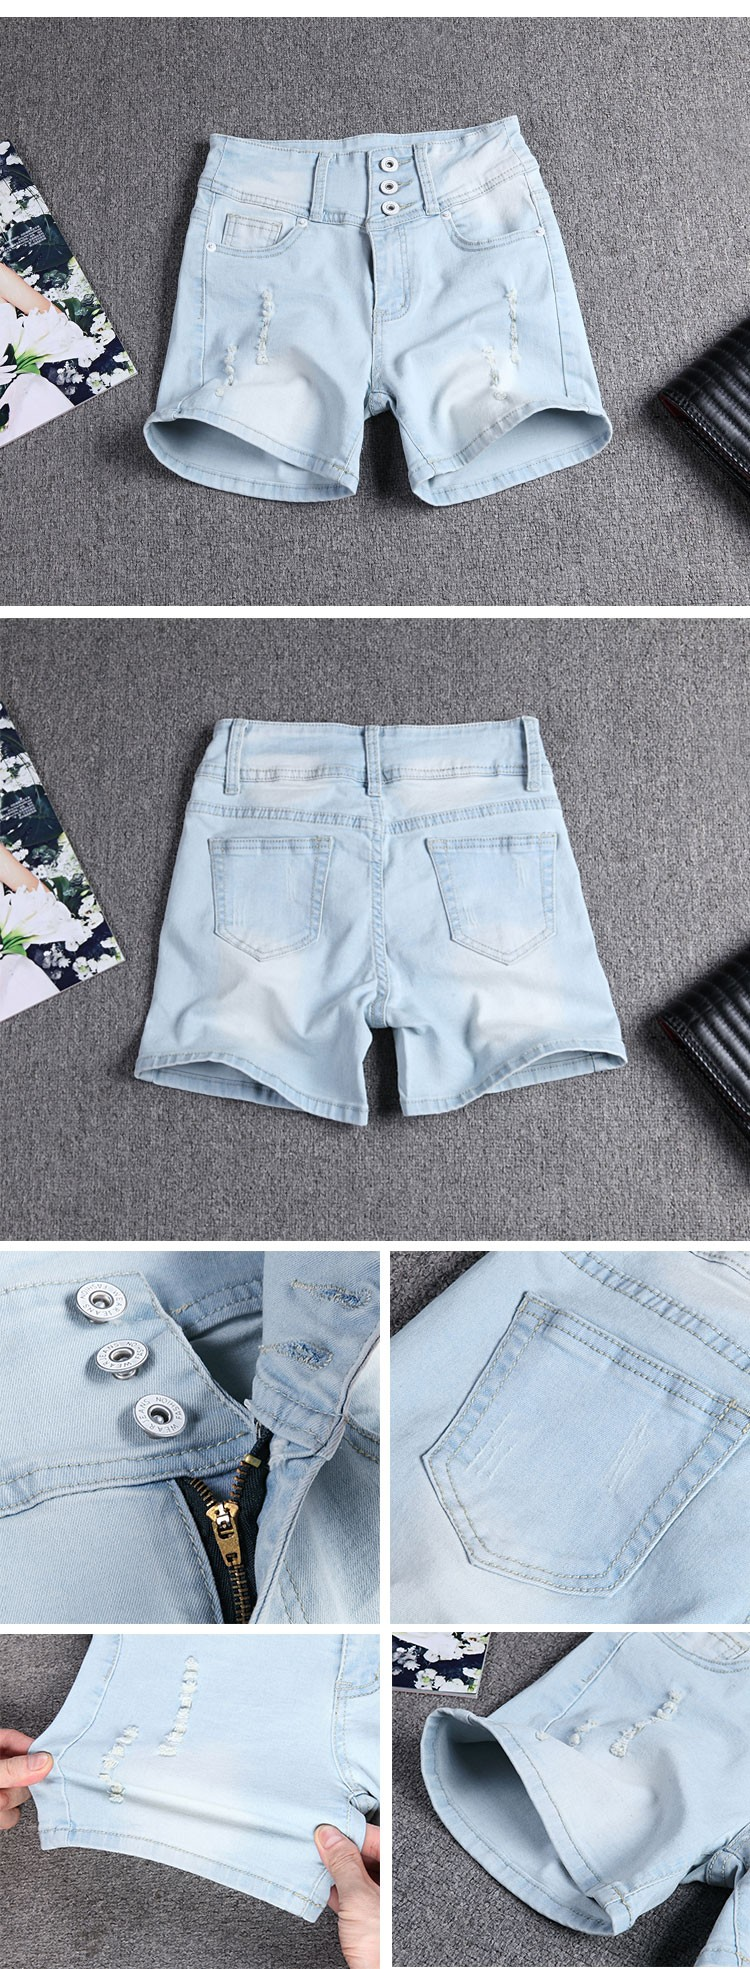 Скидки на Женщины шорты грудью прямой отверстие мода марка летний стиль женщины шорты свободного покроя женские тонкие высокой талией джинсовые шорты